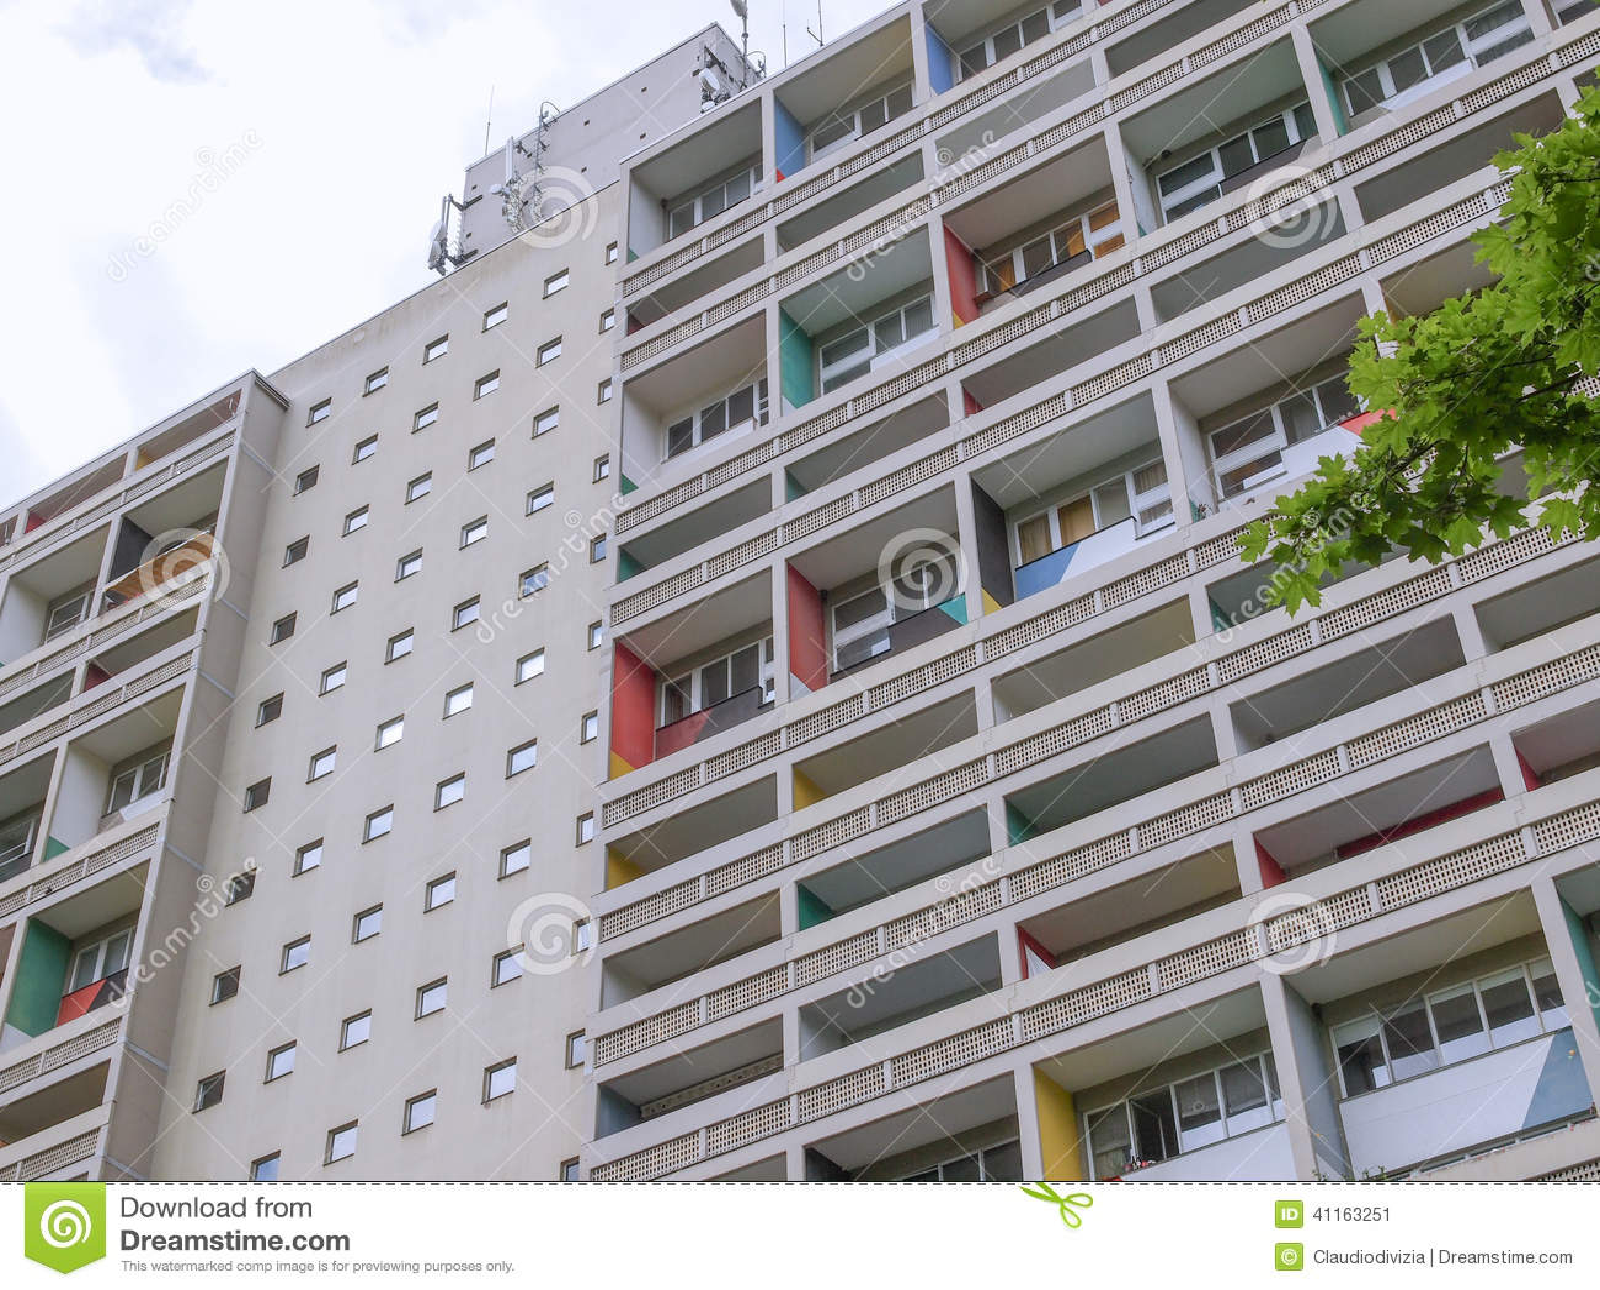 Corbusierhaus Berlijn